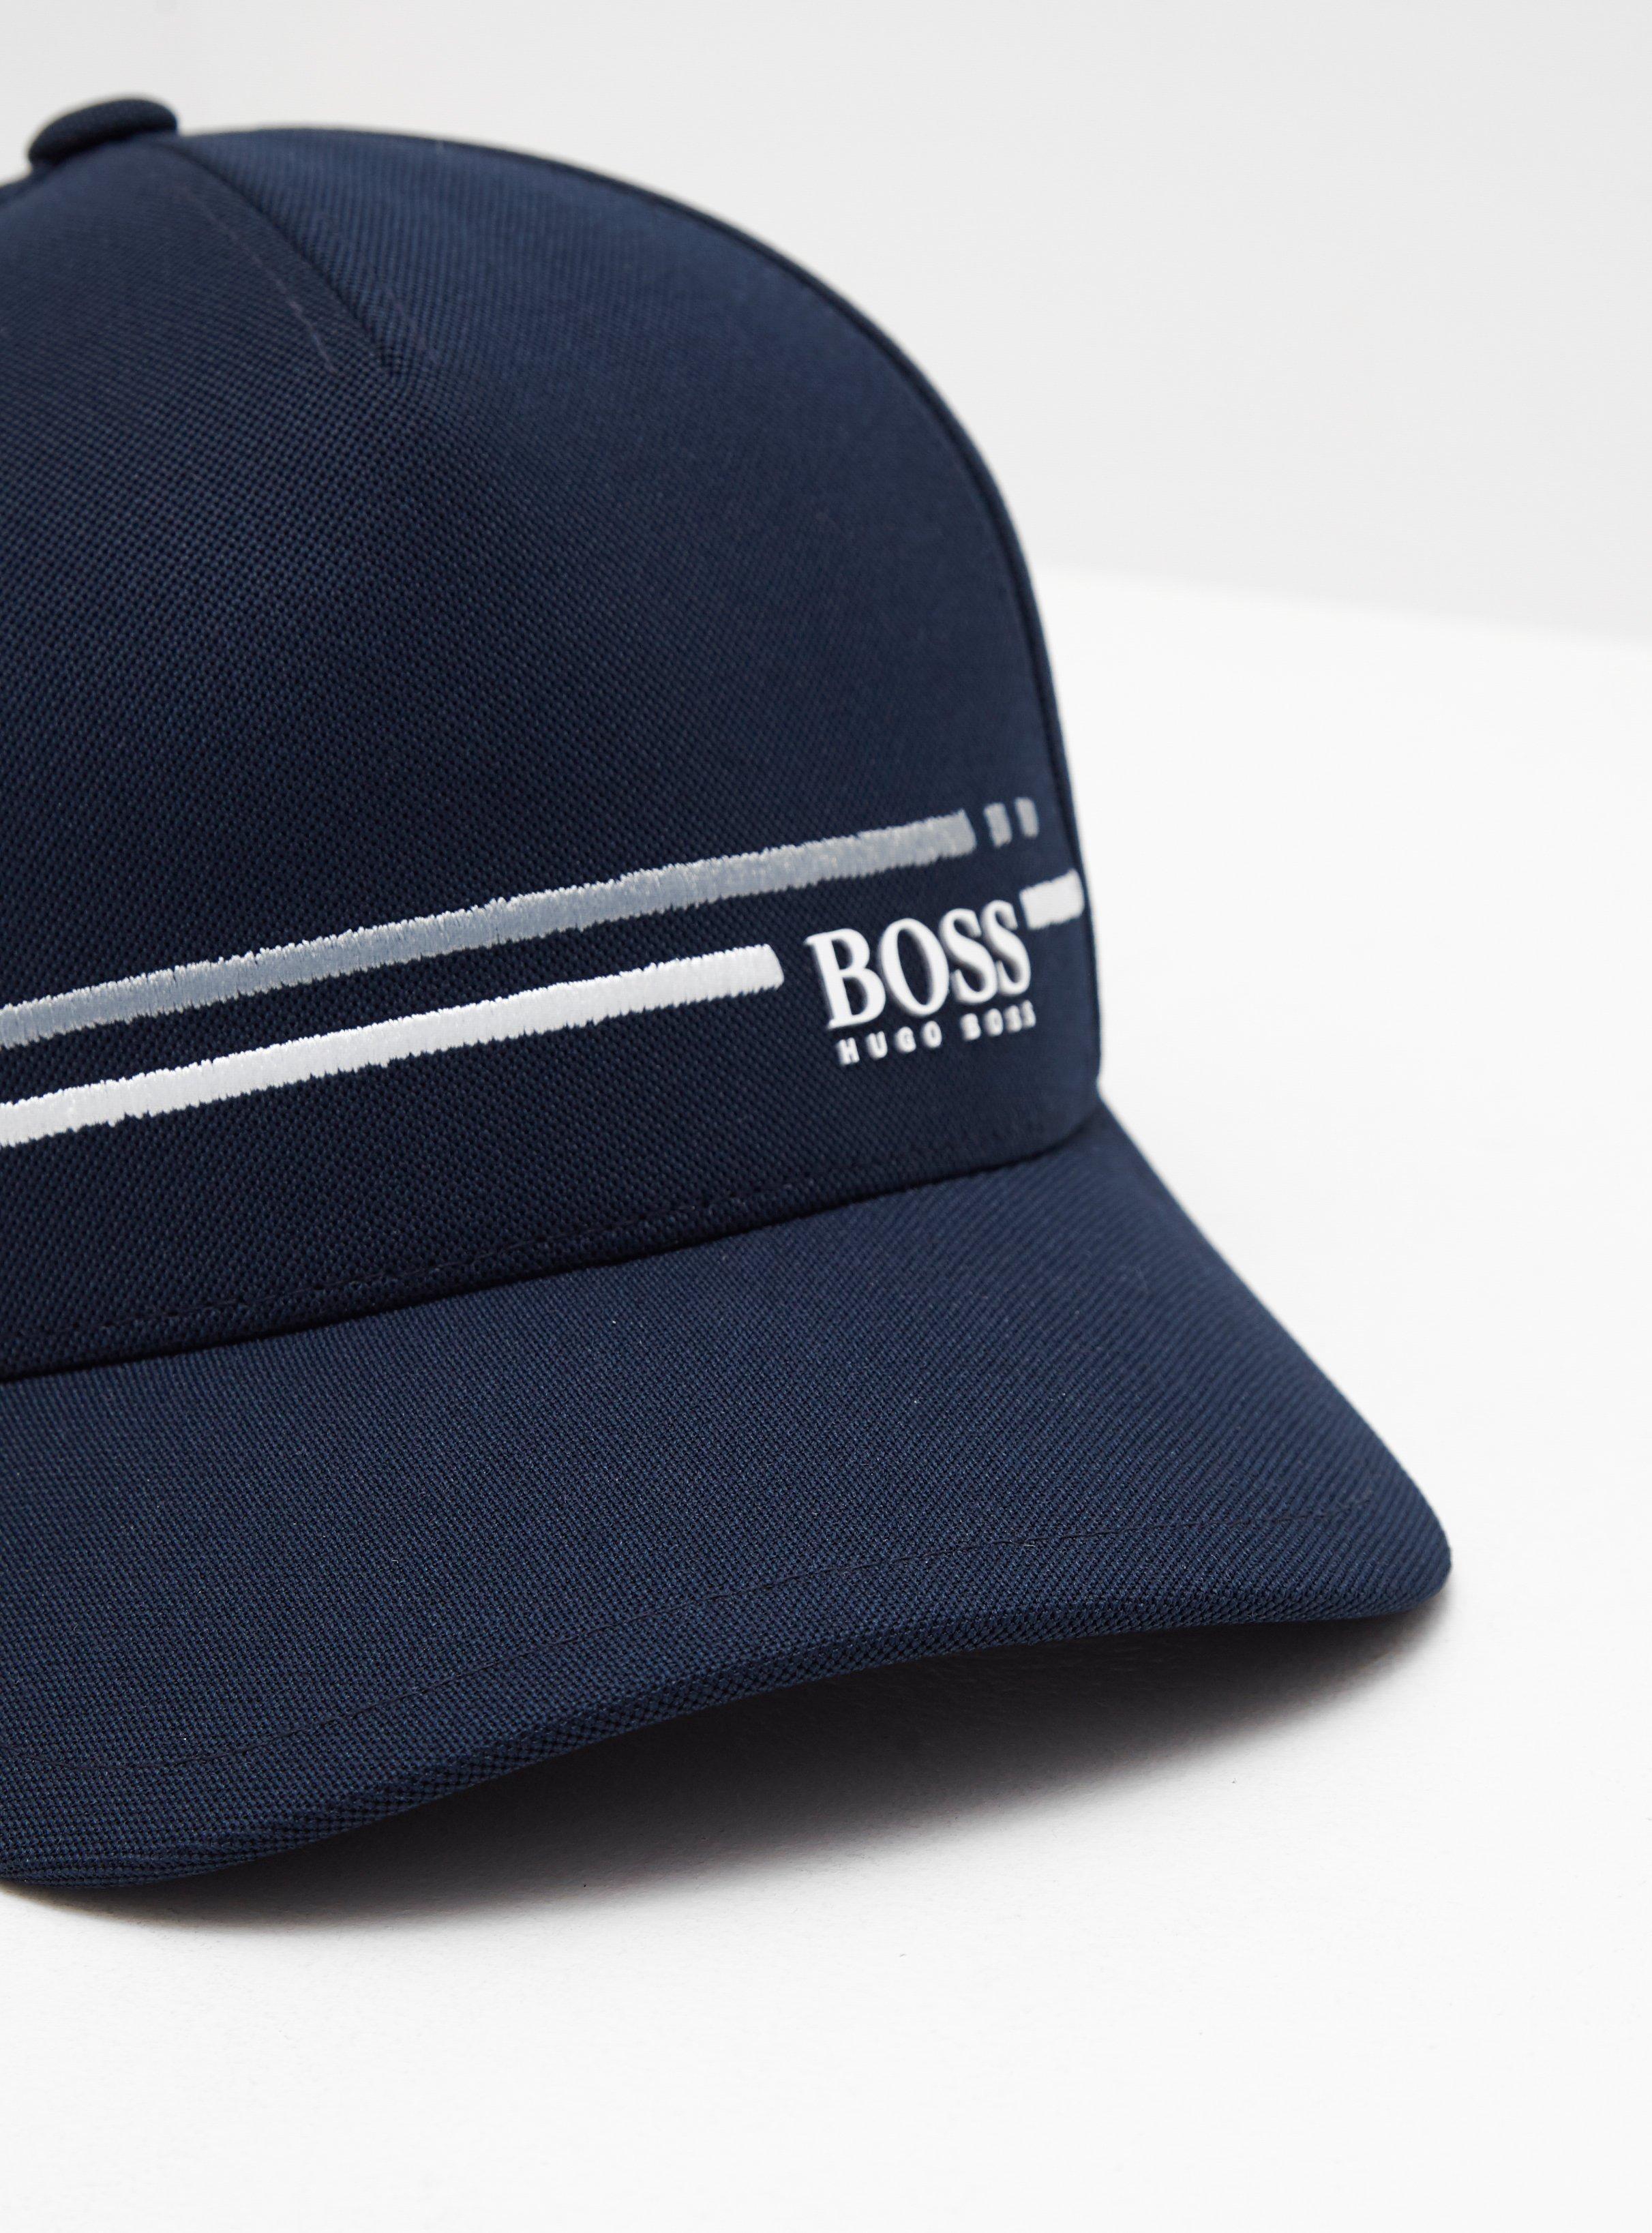 584ce264800 BOSS - Mens Stripe Cap Navy Blue for Men - Lyst. View fullscreen